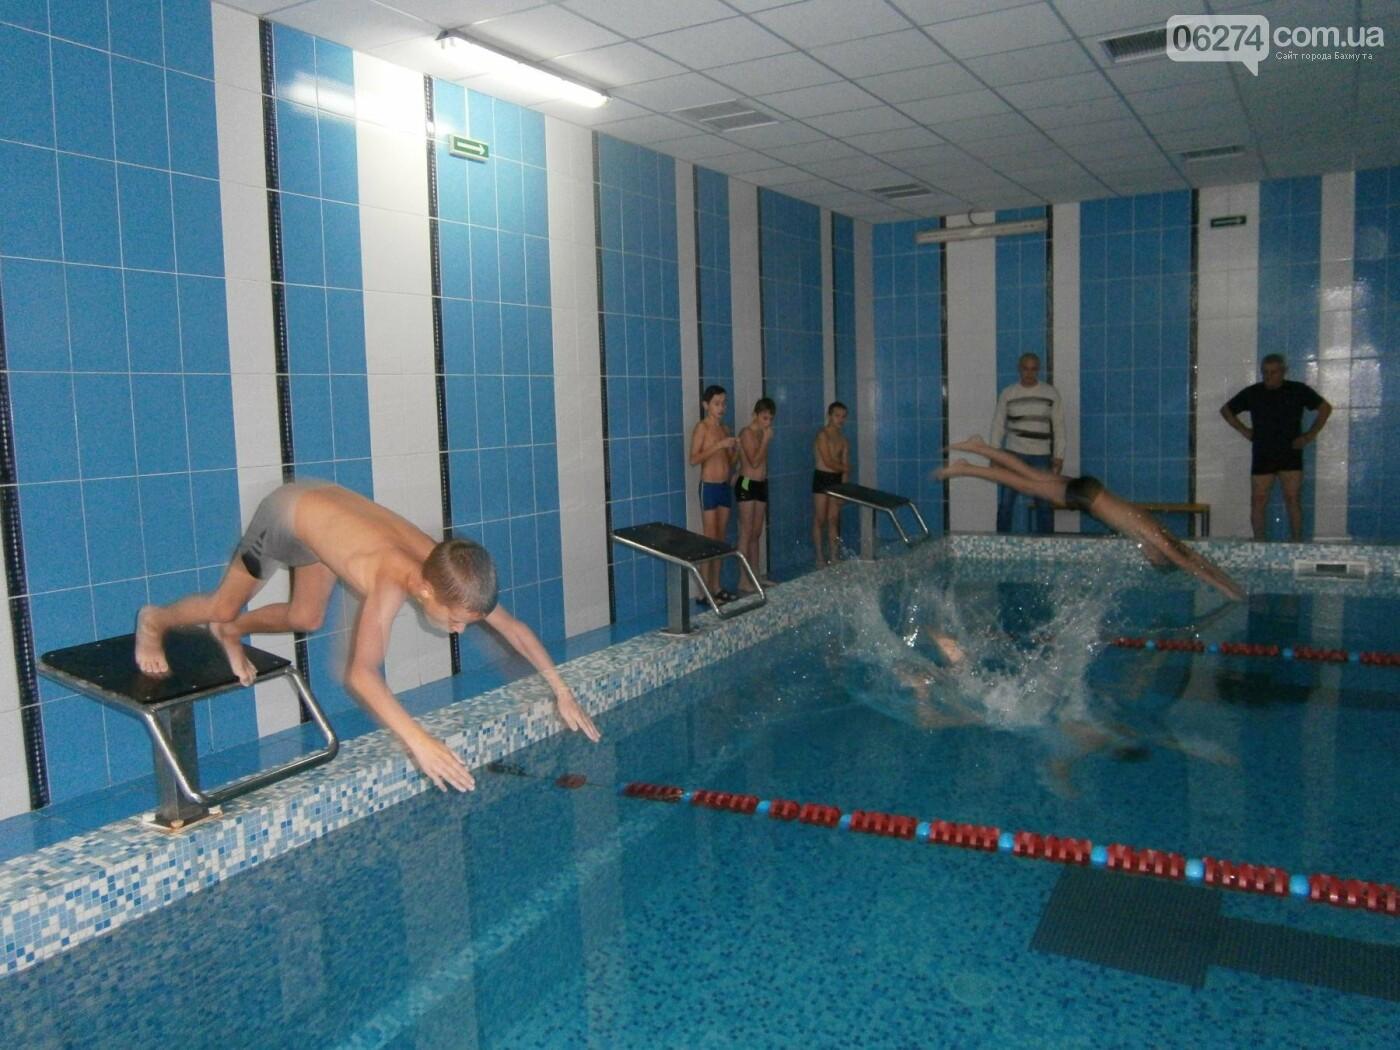 Спортсмены города соревновались в плавании, фото-2